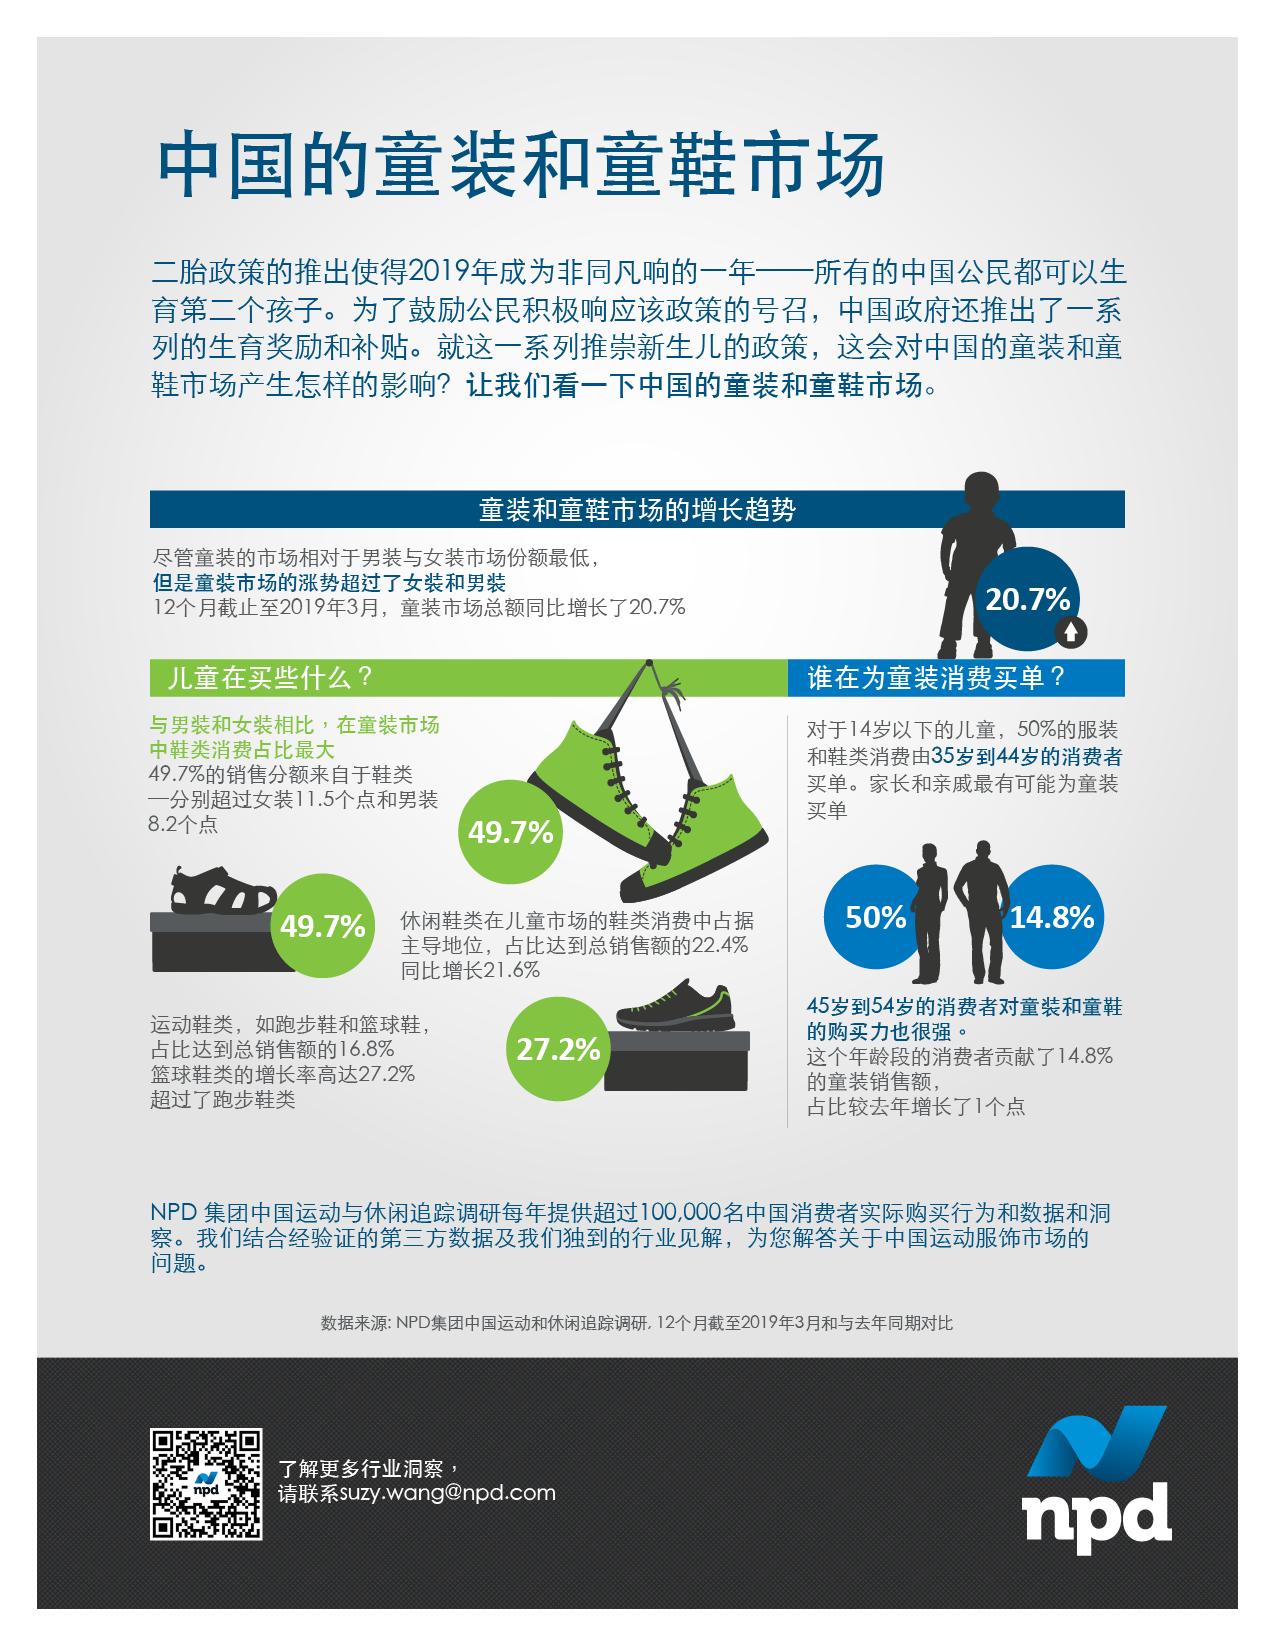 新政策允许中国所有公民生育第二个孩子。这将对童装和童鞋市场产生什么影响?让我们来看看这个市场的增长情况。